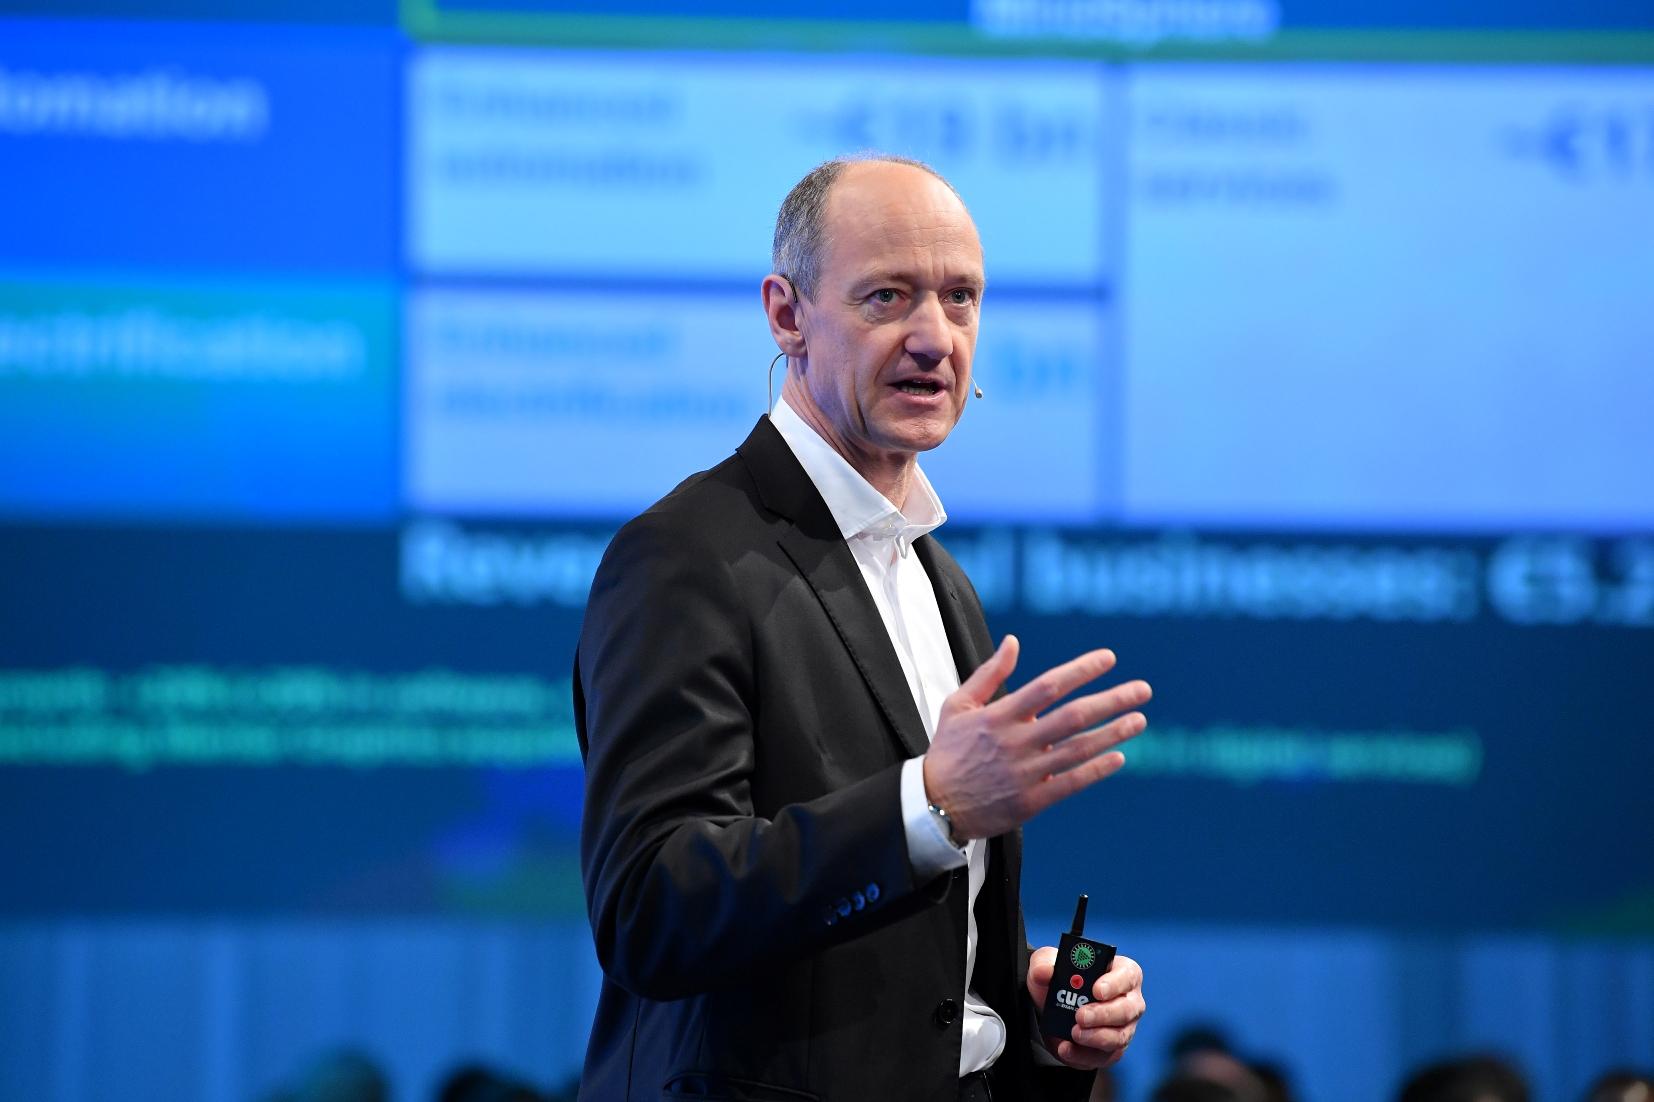 """新闻图片2_西门子股份公司首席技术官博乐仁(Roland Busch)在德国慕尼黑举办的2017西门子创新日上指出:""""我们正在进一步丰富解决方案并拓展业务。"""""""